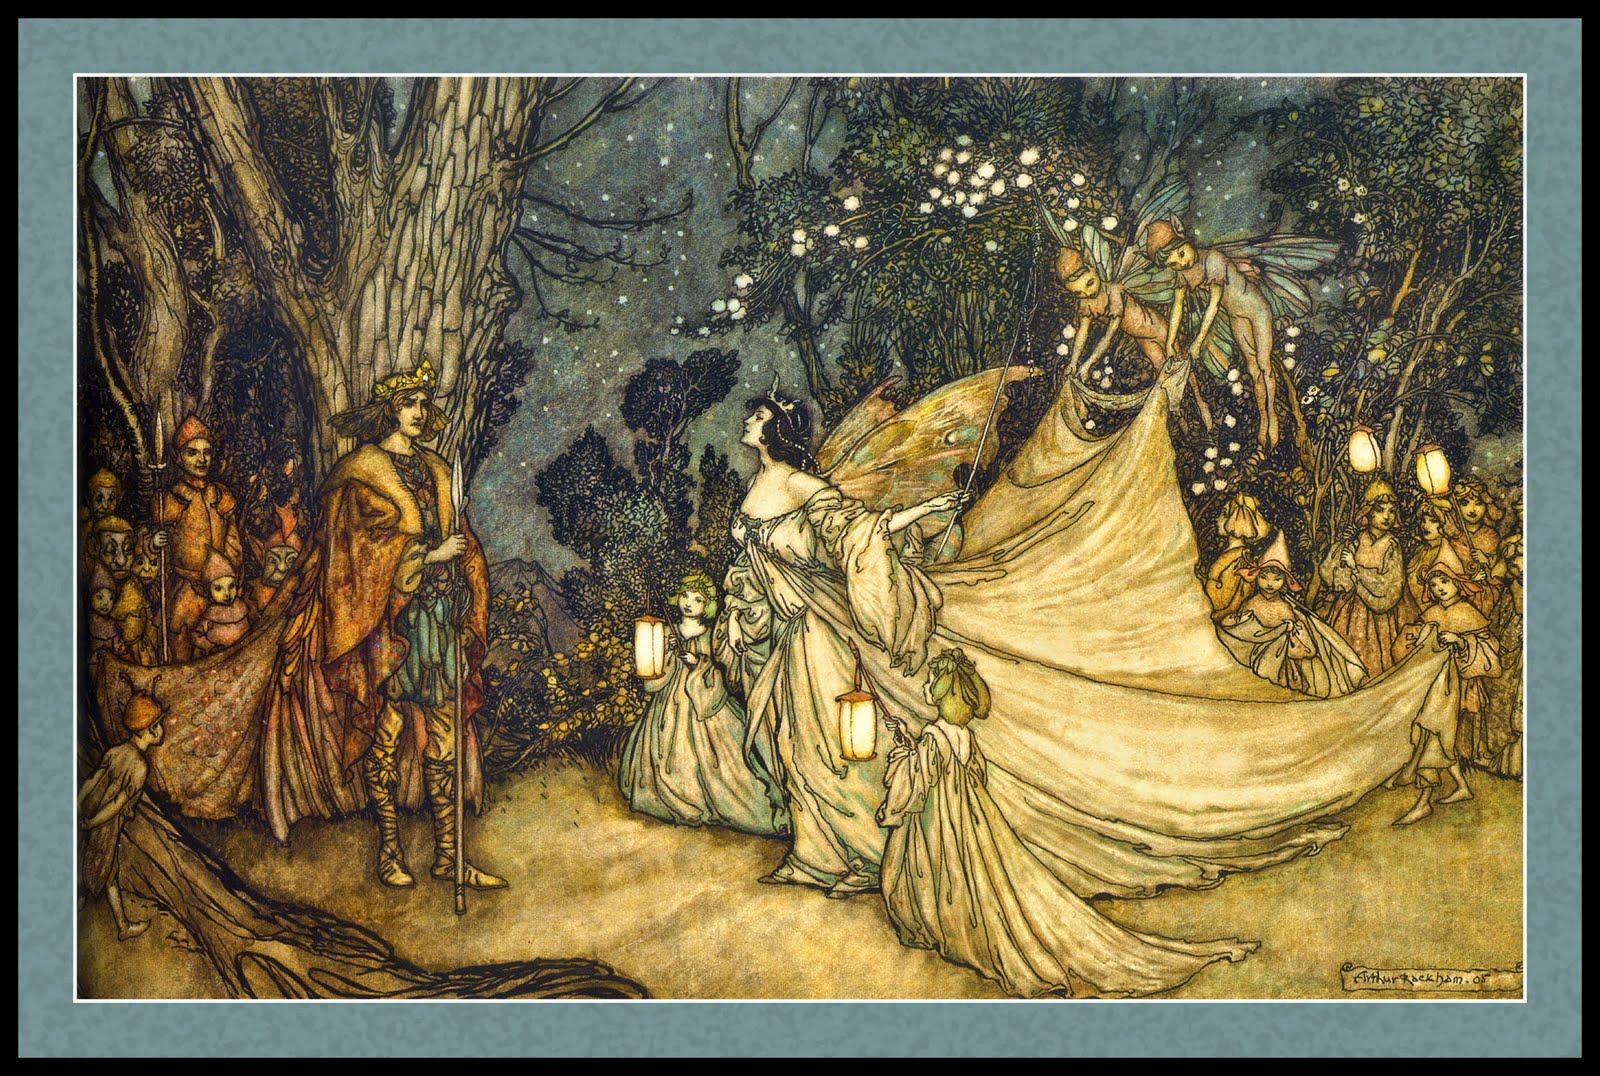 Arthur rackham art schools arthurrackham illustration children midsummer night dreams - The hideout in the woods an artists dream ...